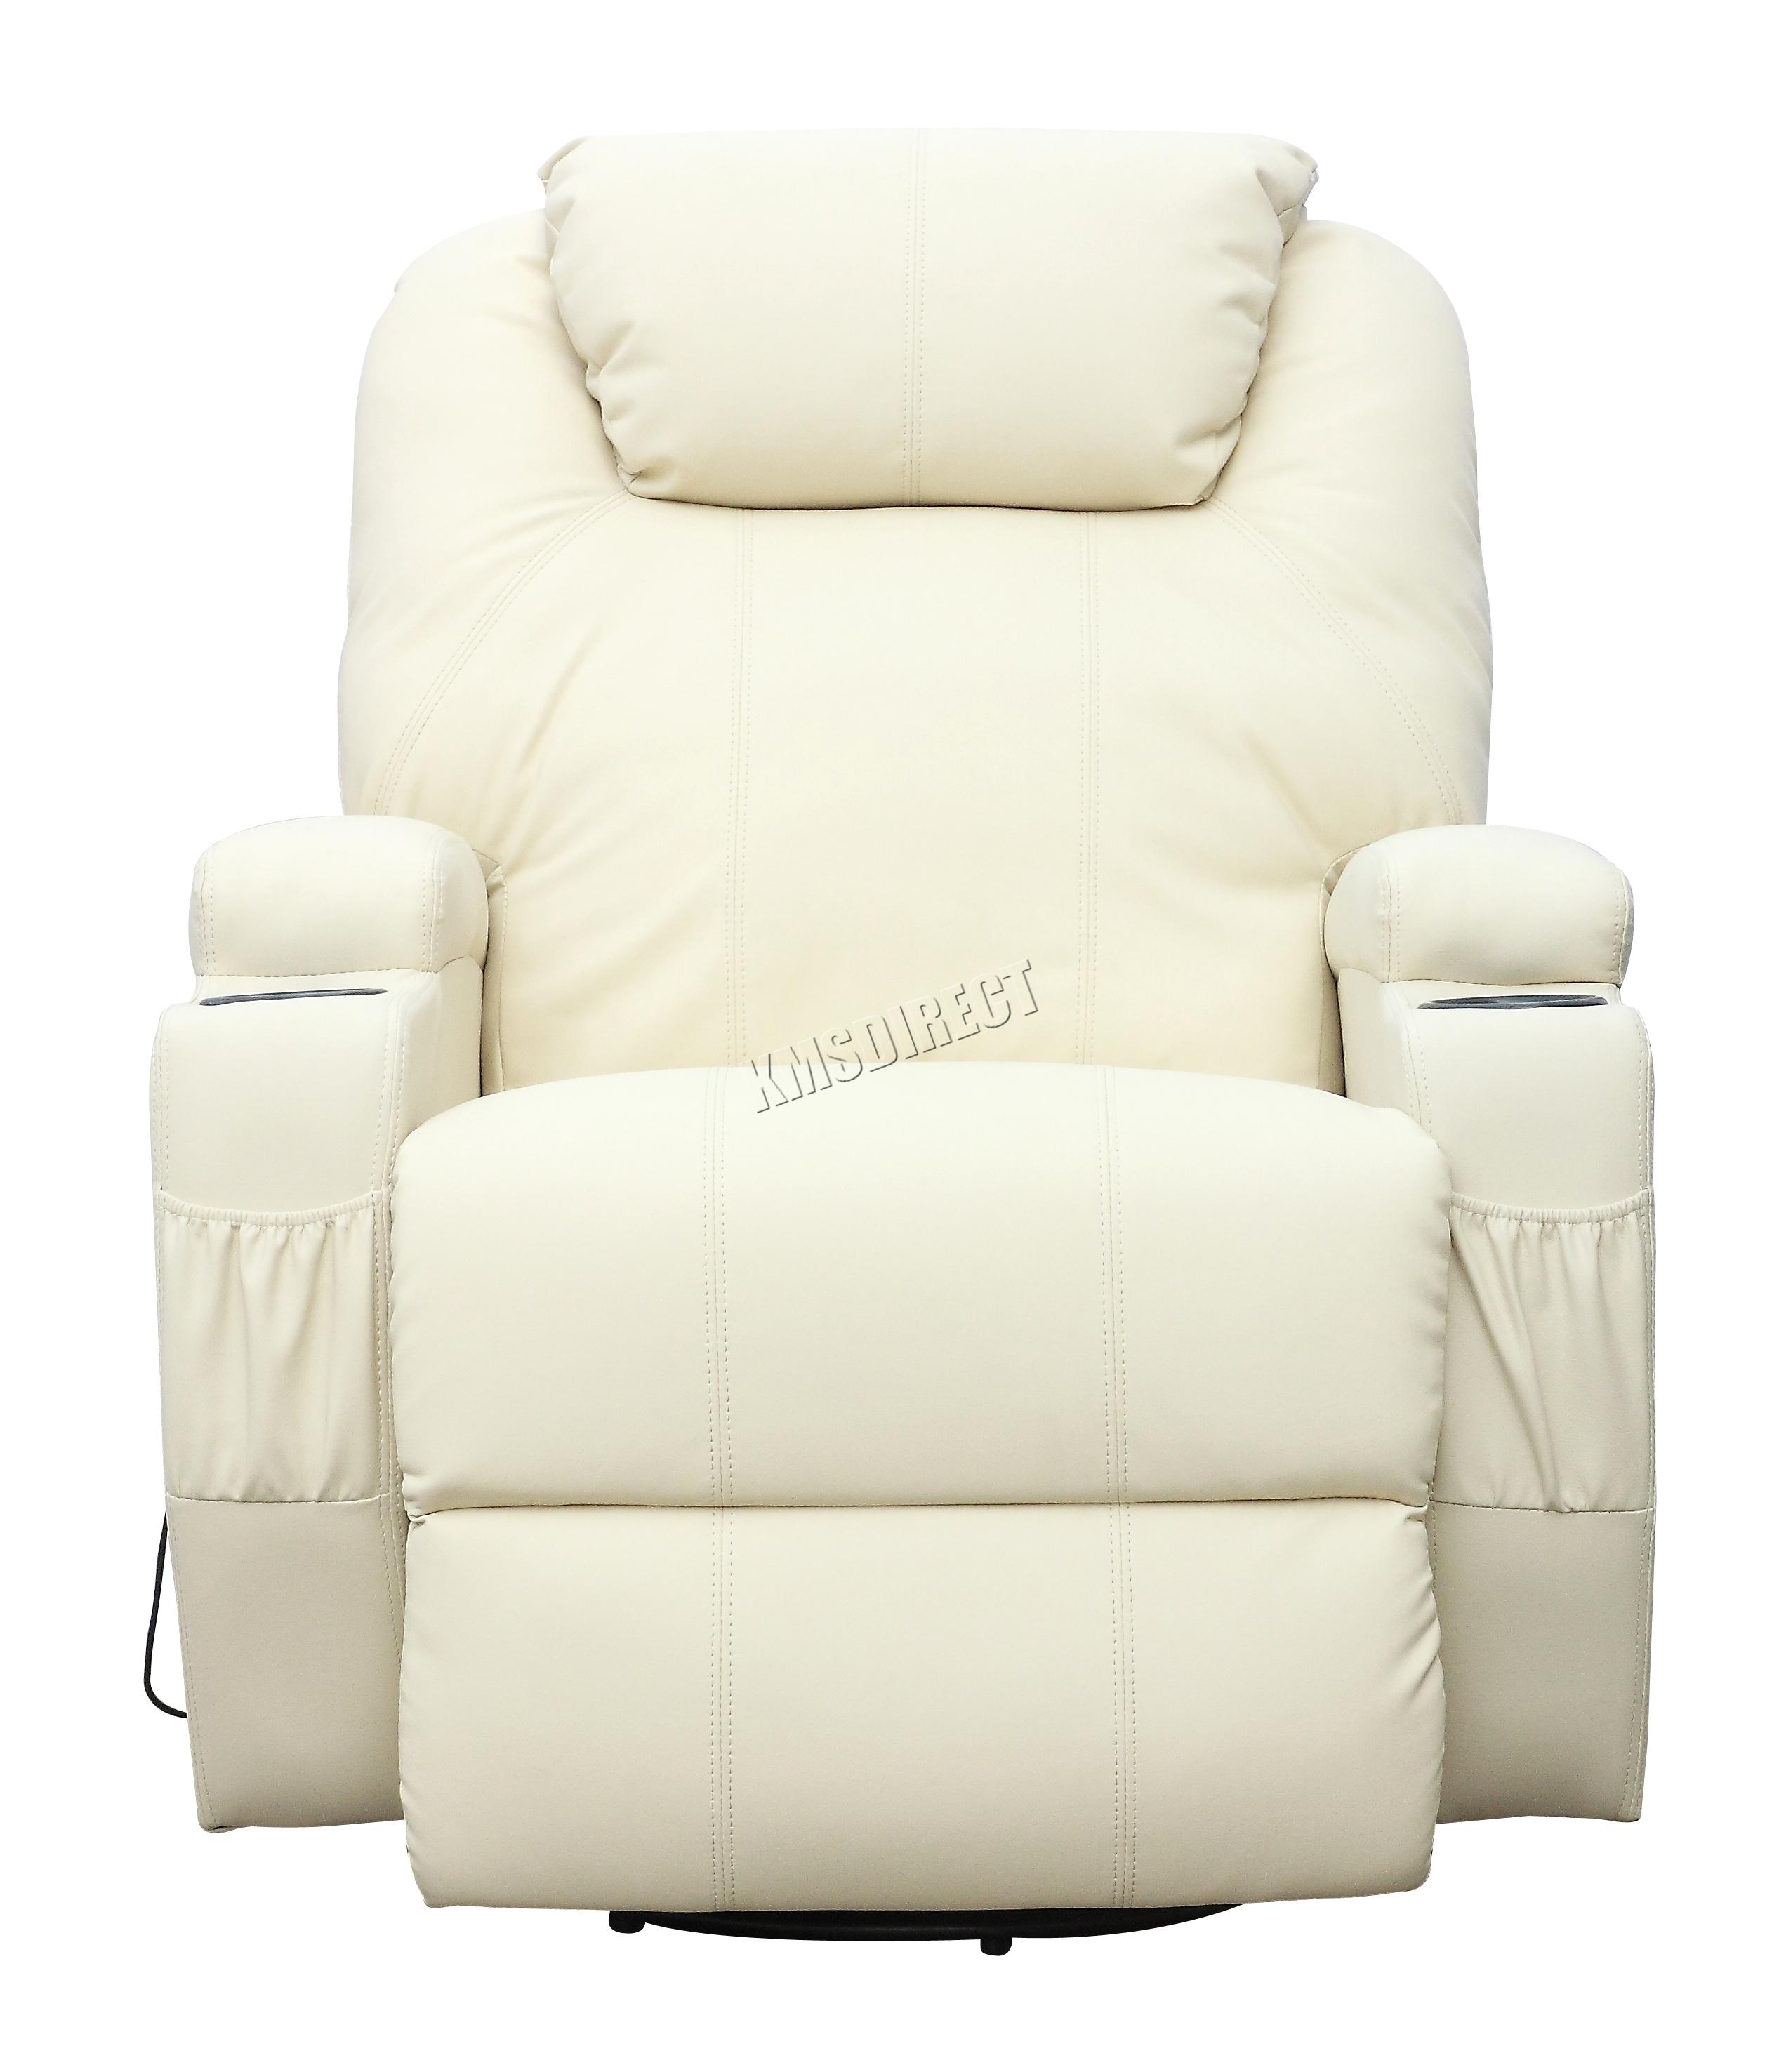 Sofá de butaca reclinable con sistema de masaje de cuero reconstituido Westwood-5897